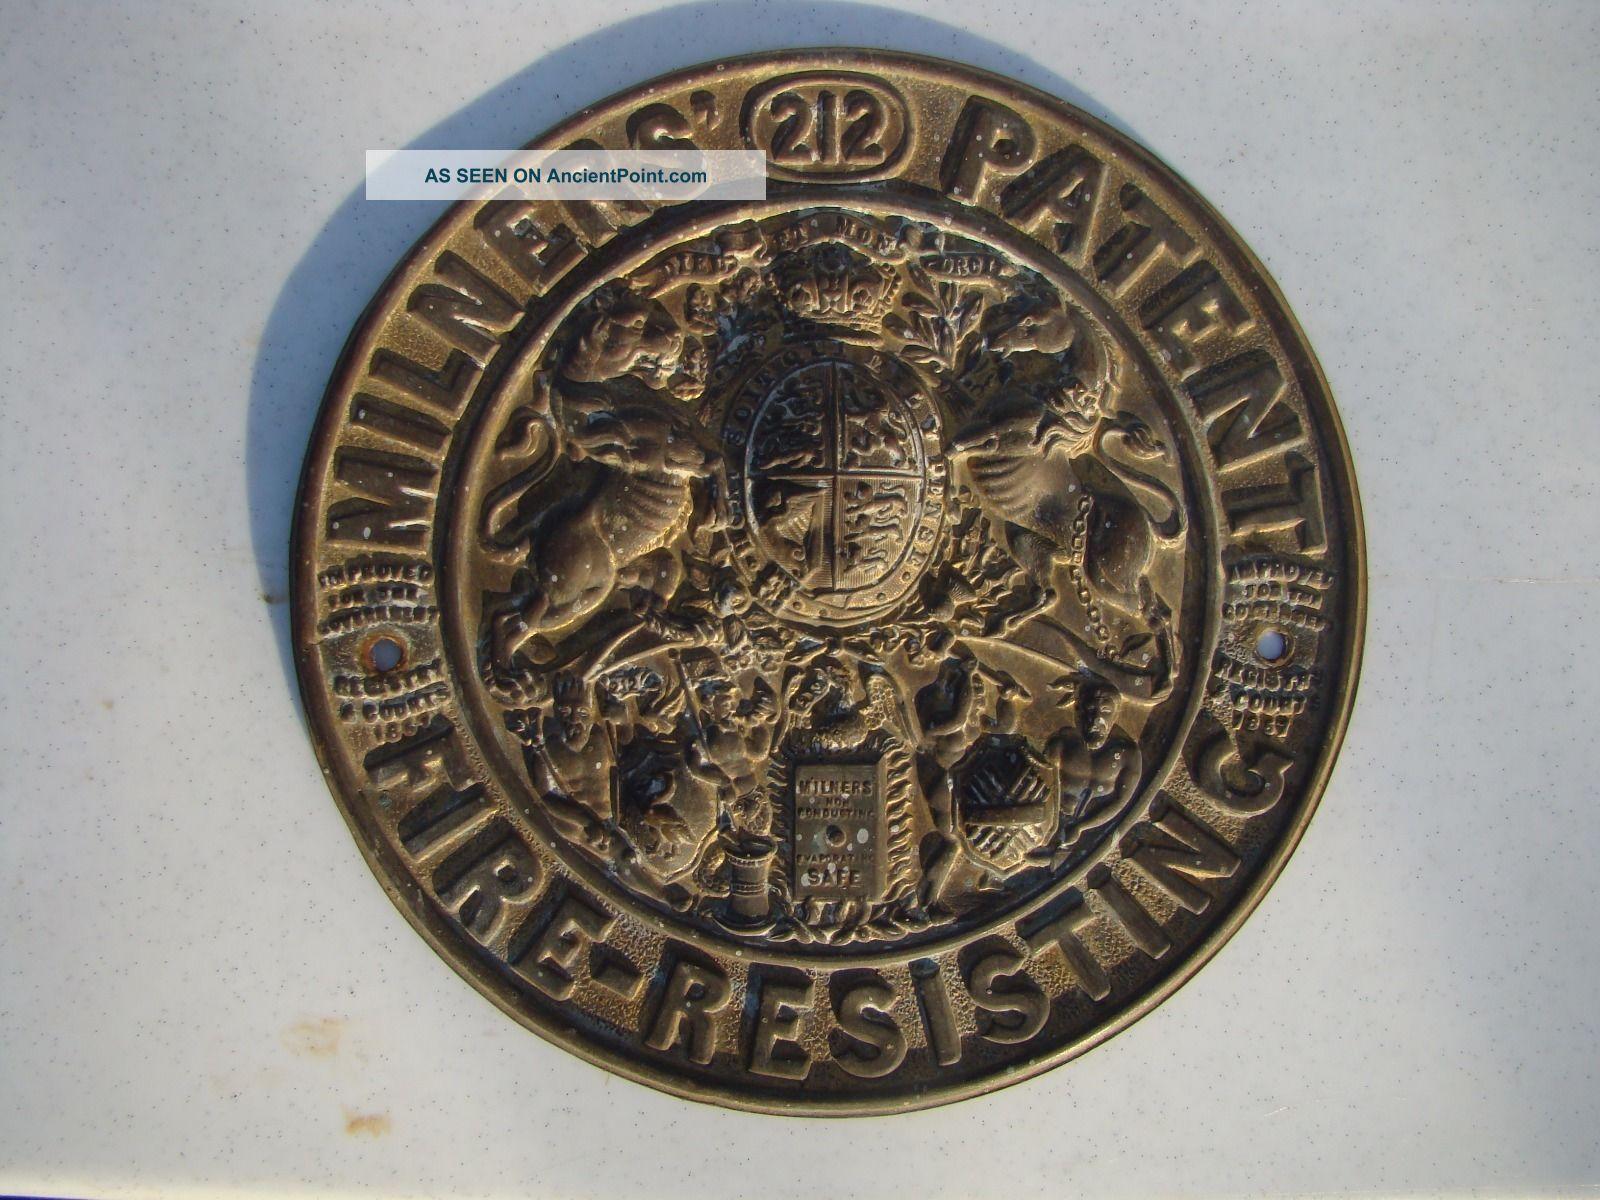 Vintage Milners Safe Plaque Plaques photo